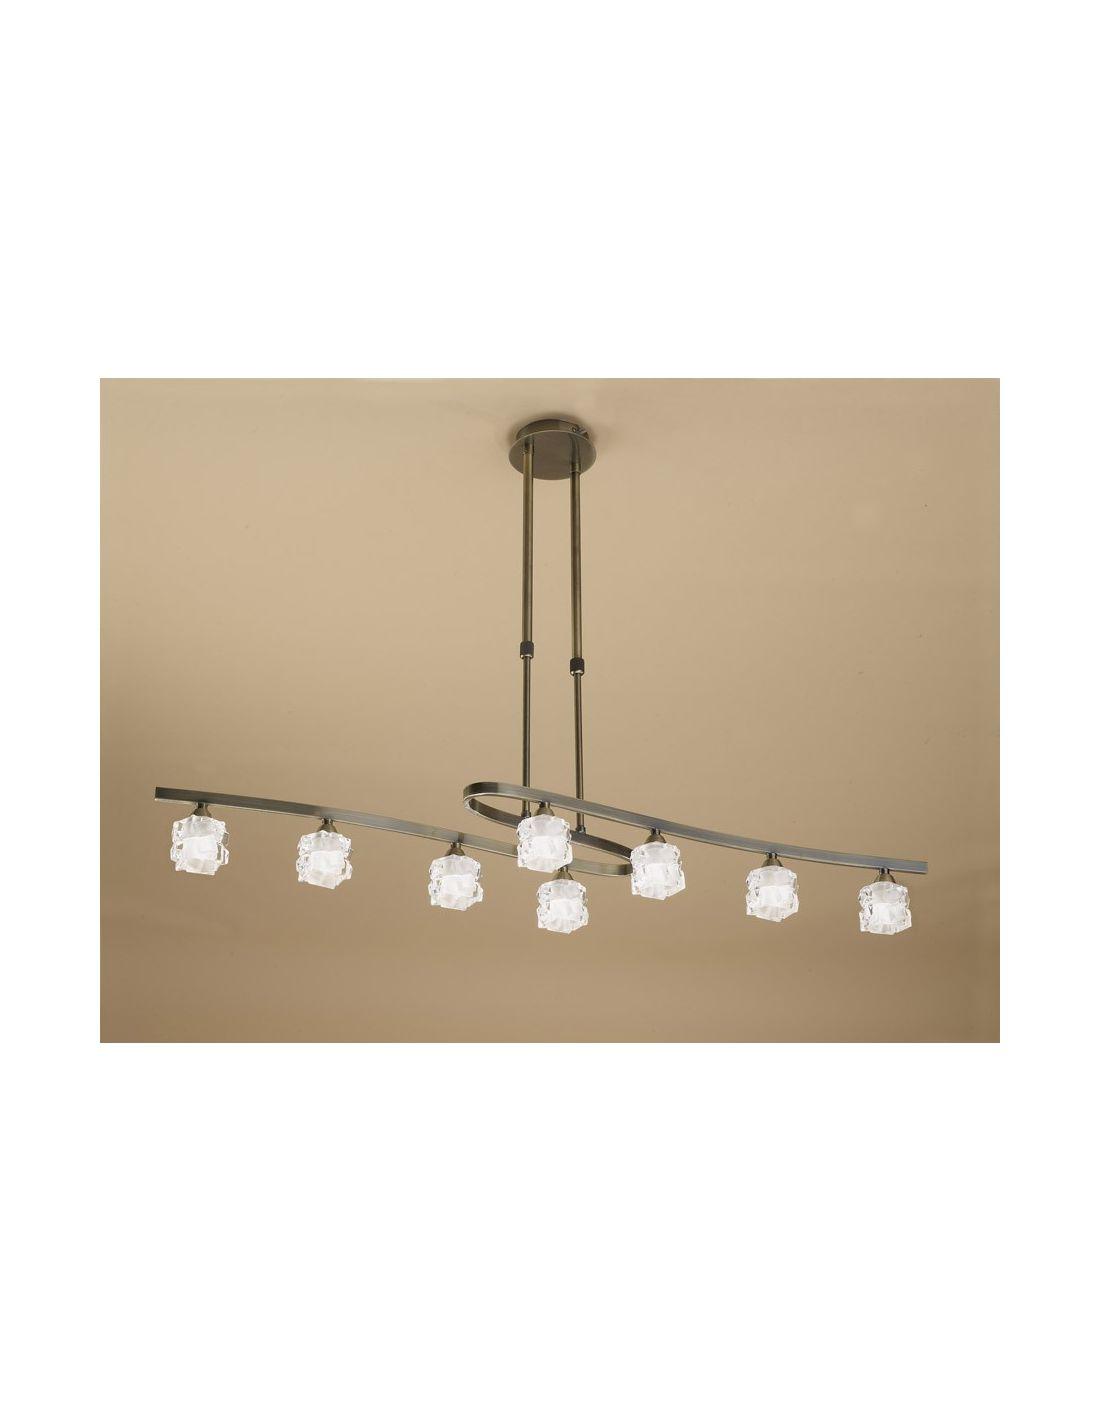 Lamparas mantra lamparas modernas baratas lamparas - Lamparas de dormitorio ...